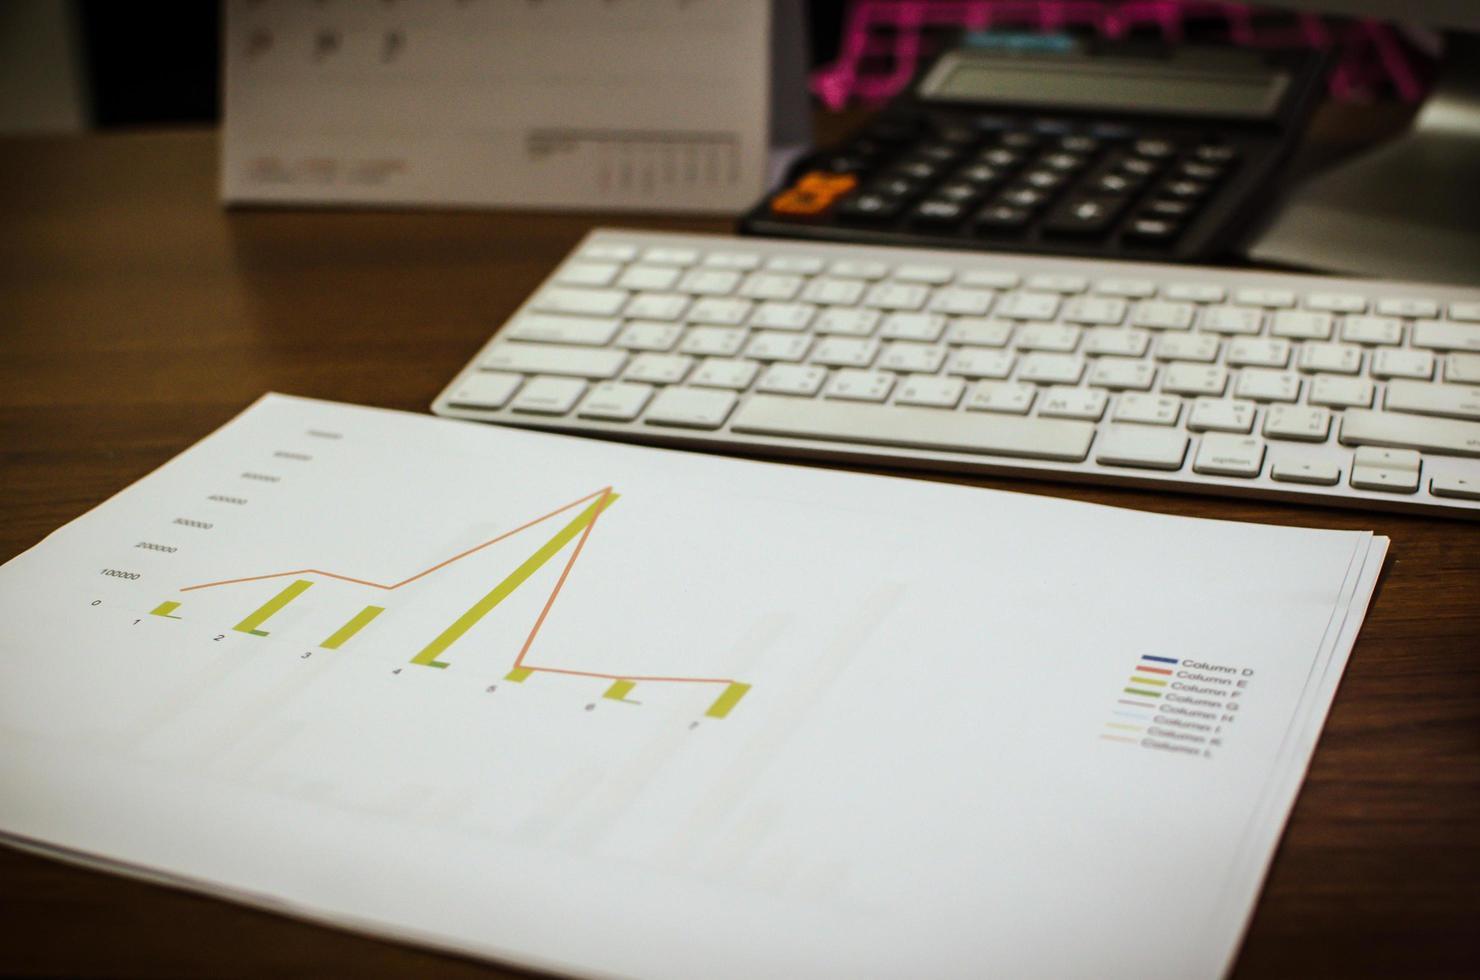 finanzas comerciales, contabilidad, estadísticas e investigación analítica foto